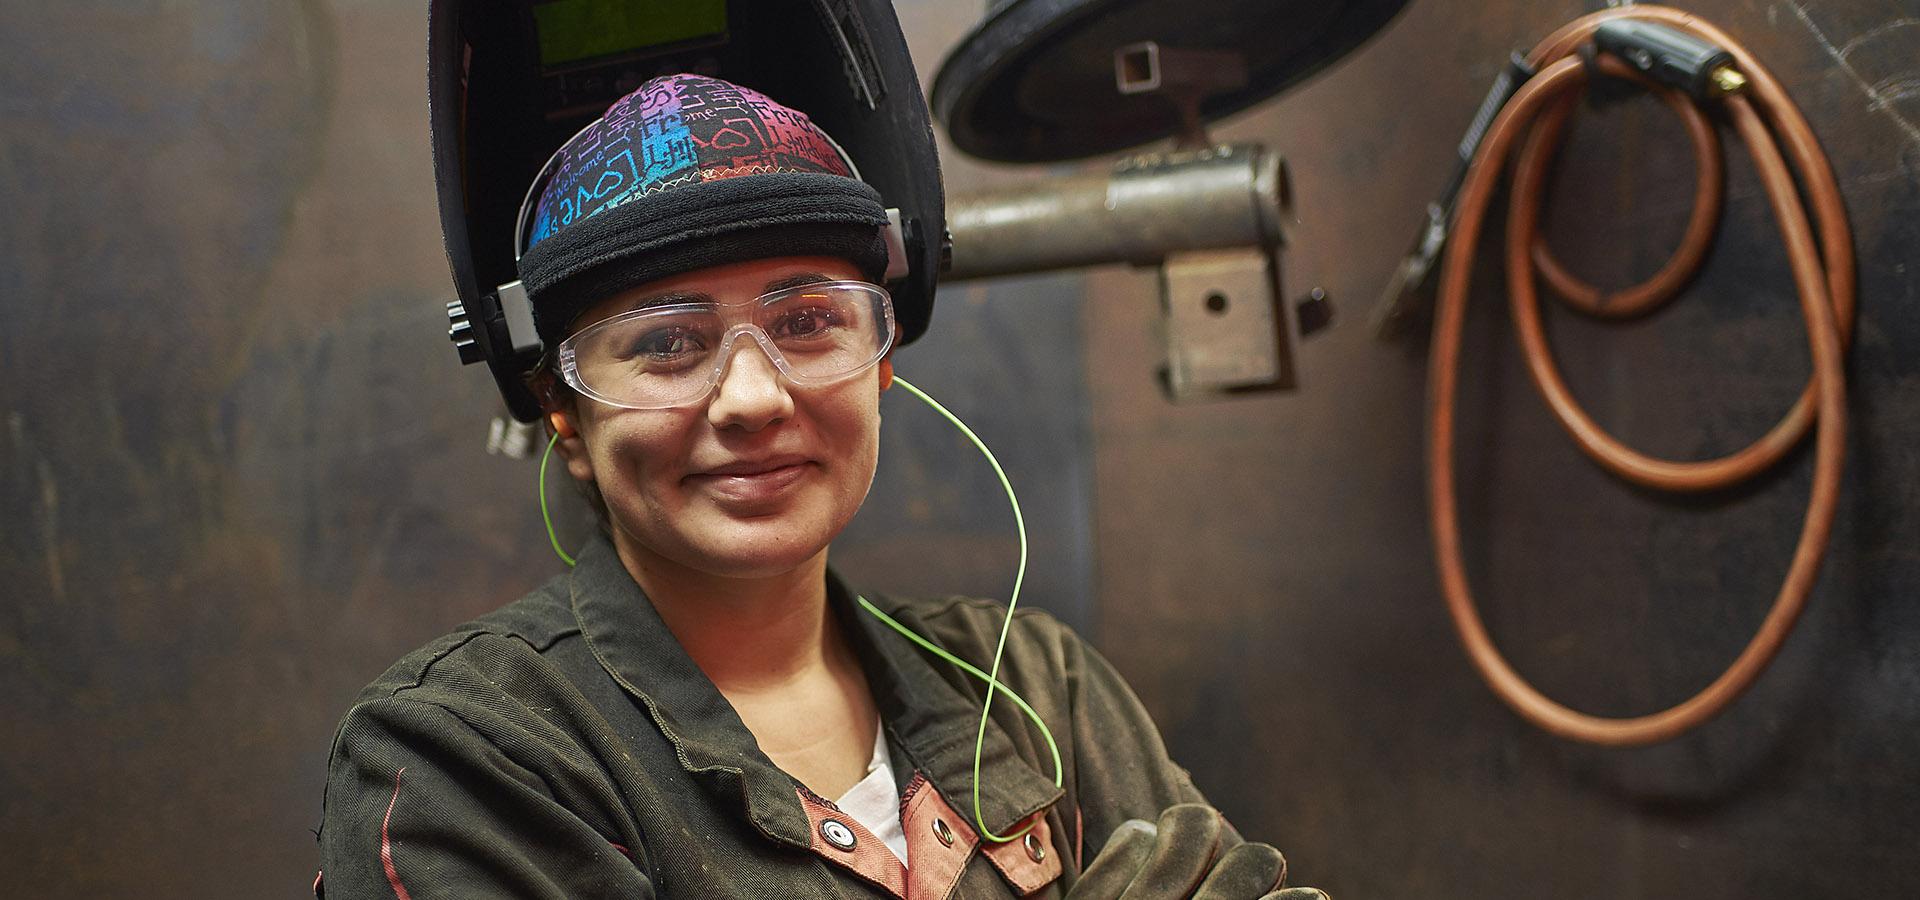 How Workshops for Warriors is Getting Female Veterans Jobs | HuffPost